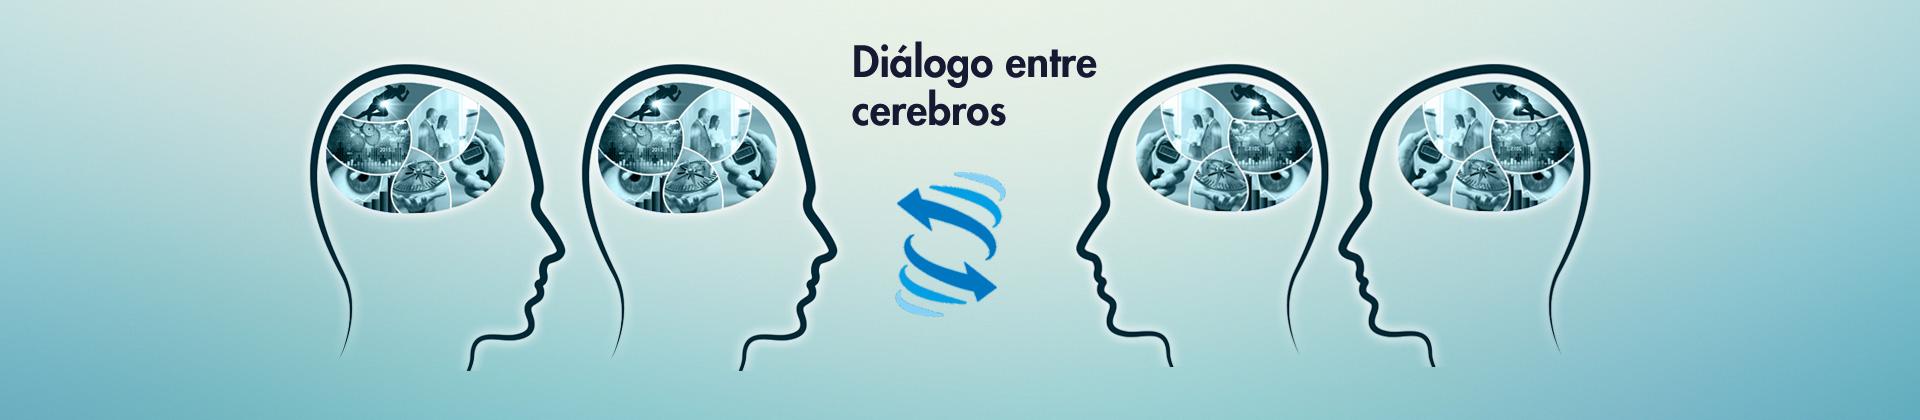 dialogo entre cerebros